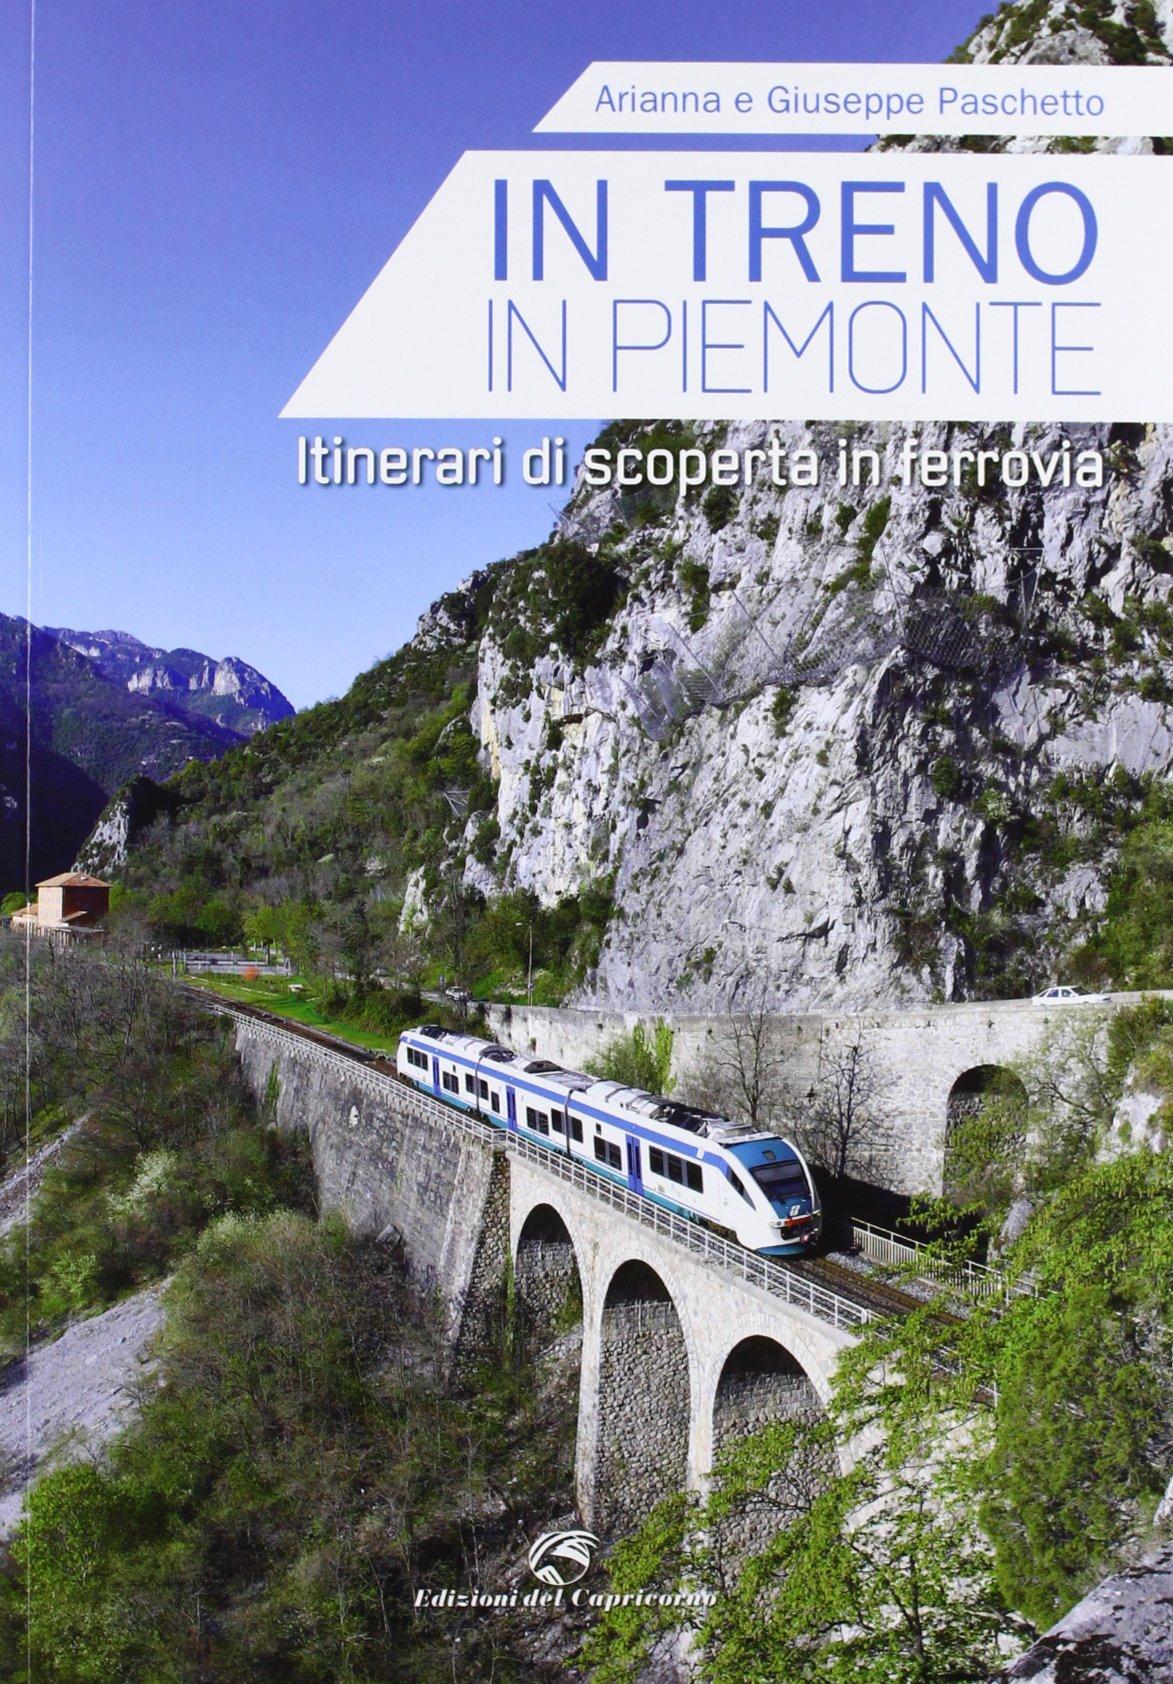 In treno alla scoperta del Piemonte